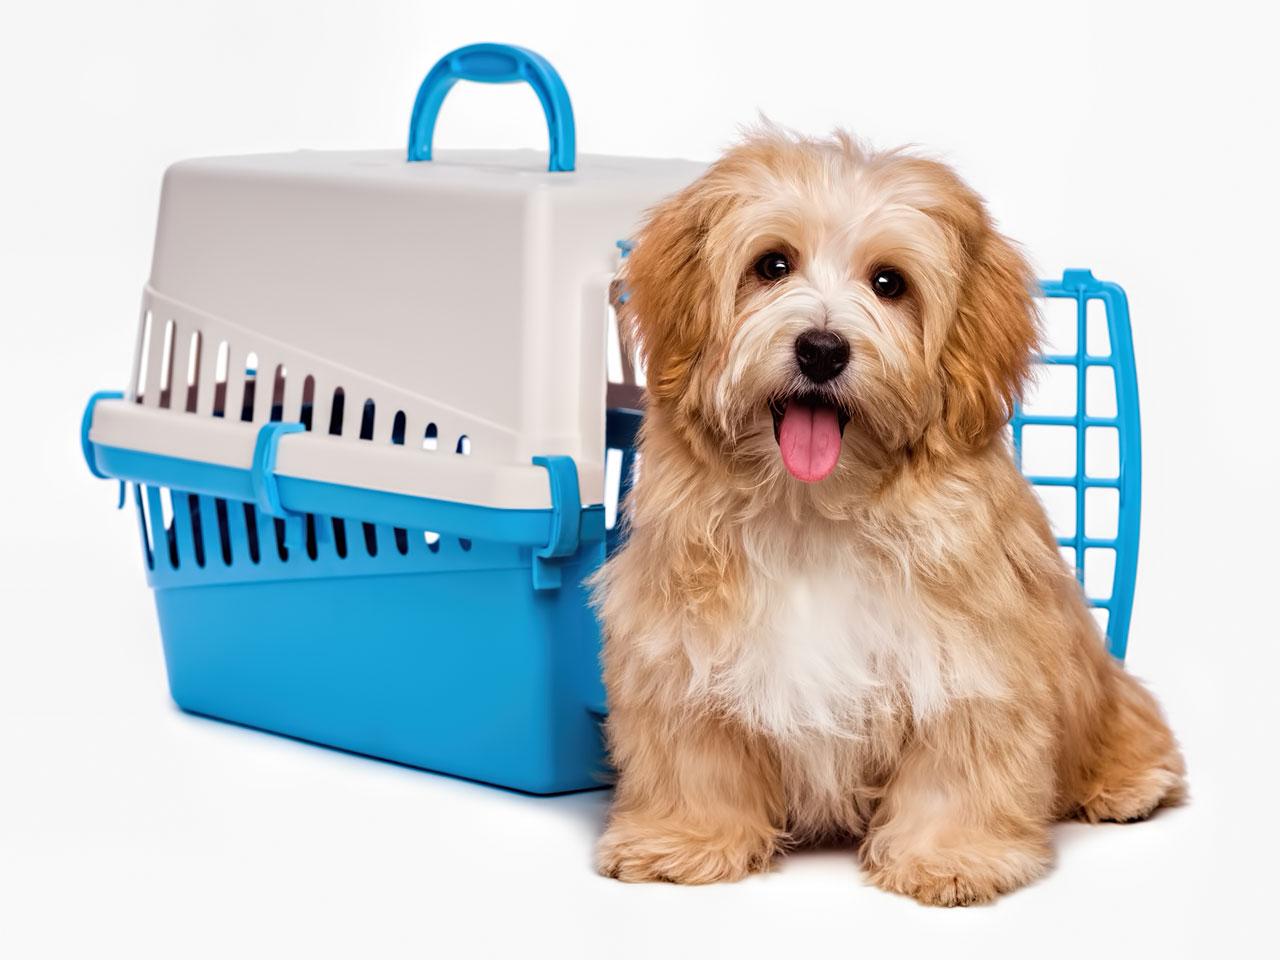 Süßer Hund sitzt vor Hundetransportbox